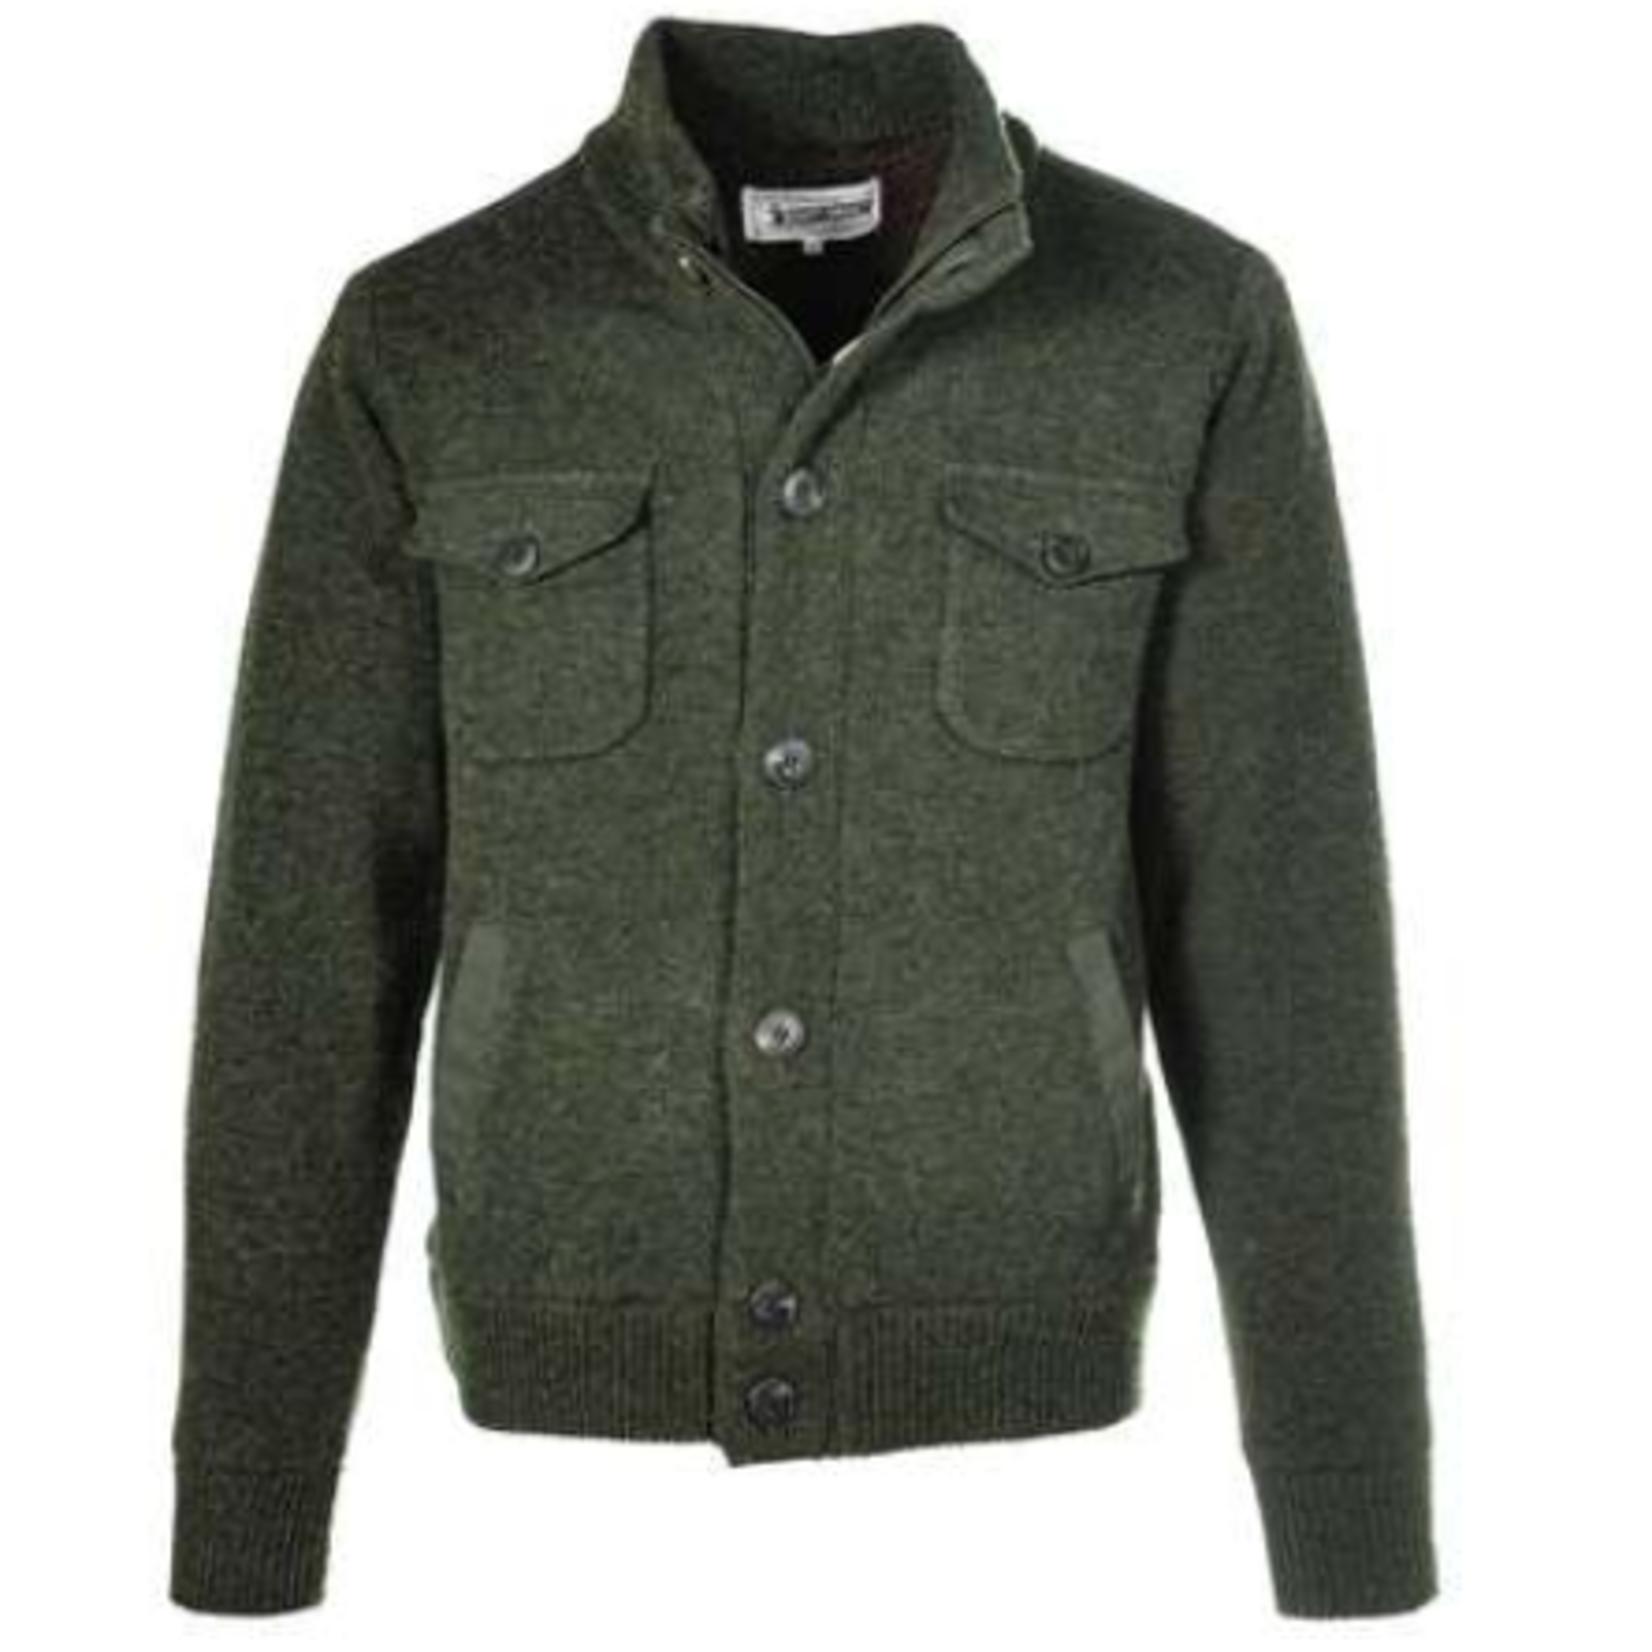 Schott Schott Wool Blend Military Sweater Jacket